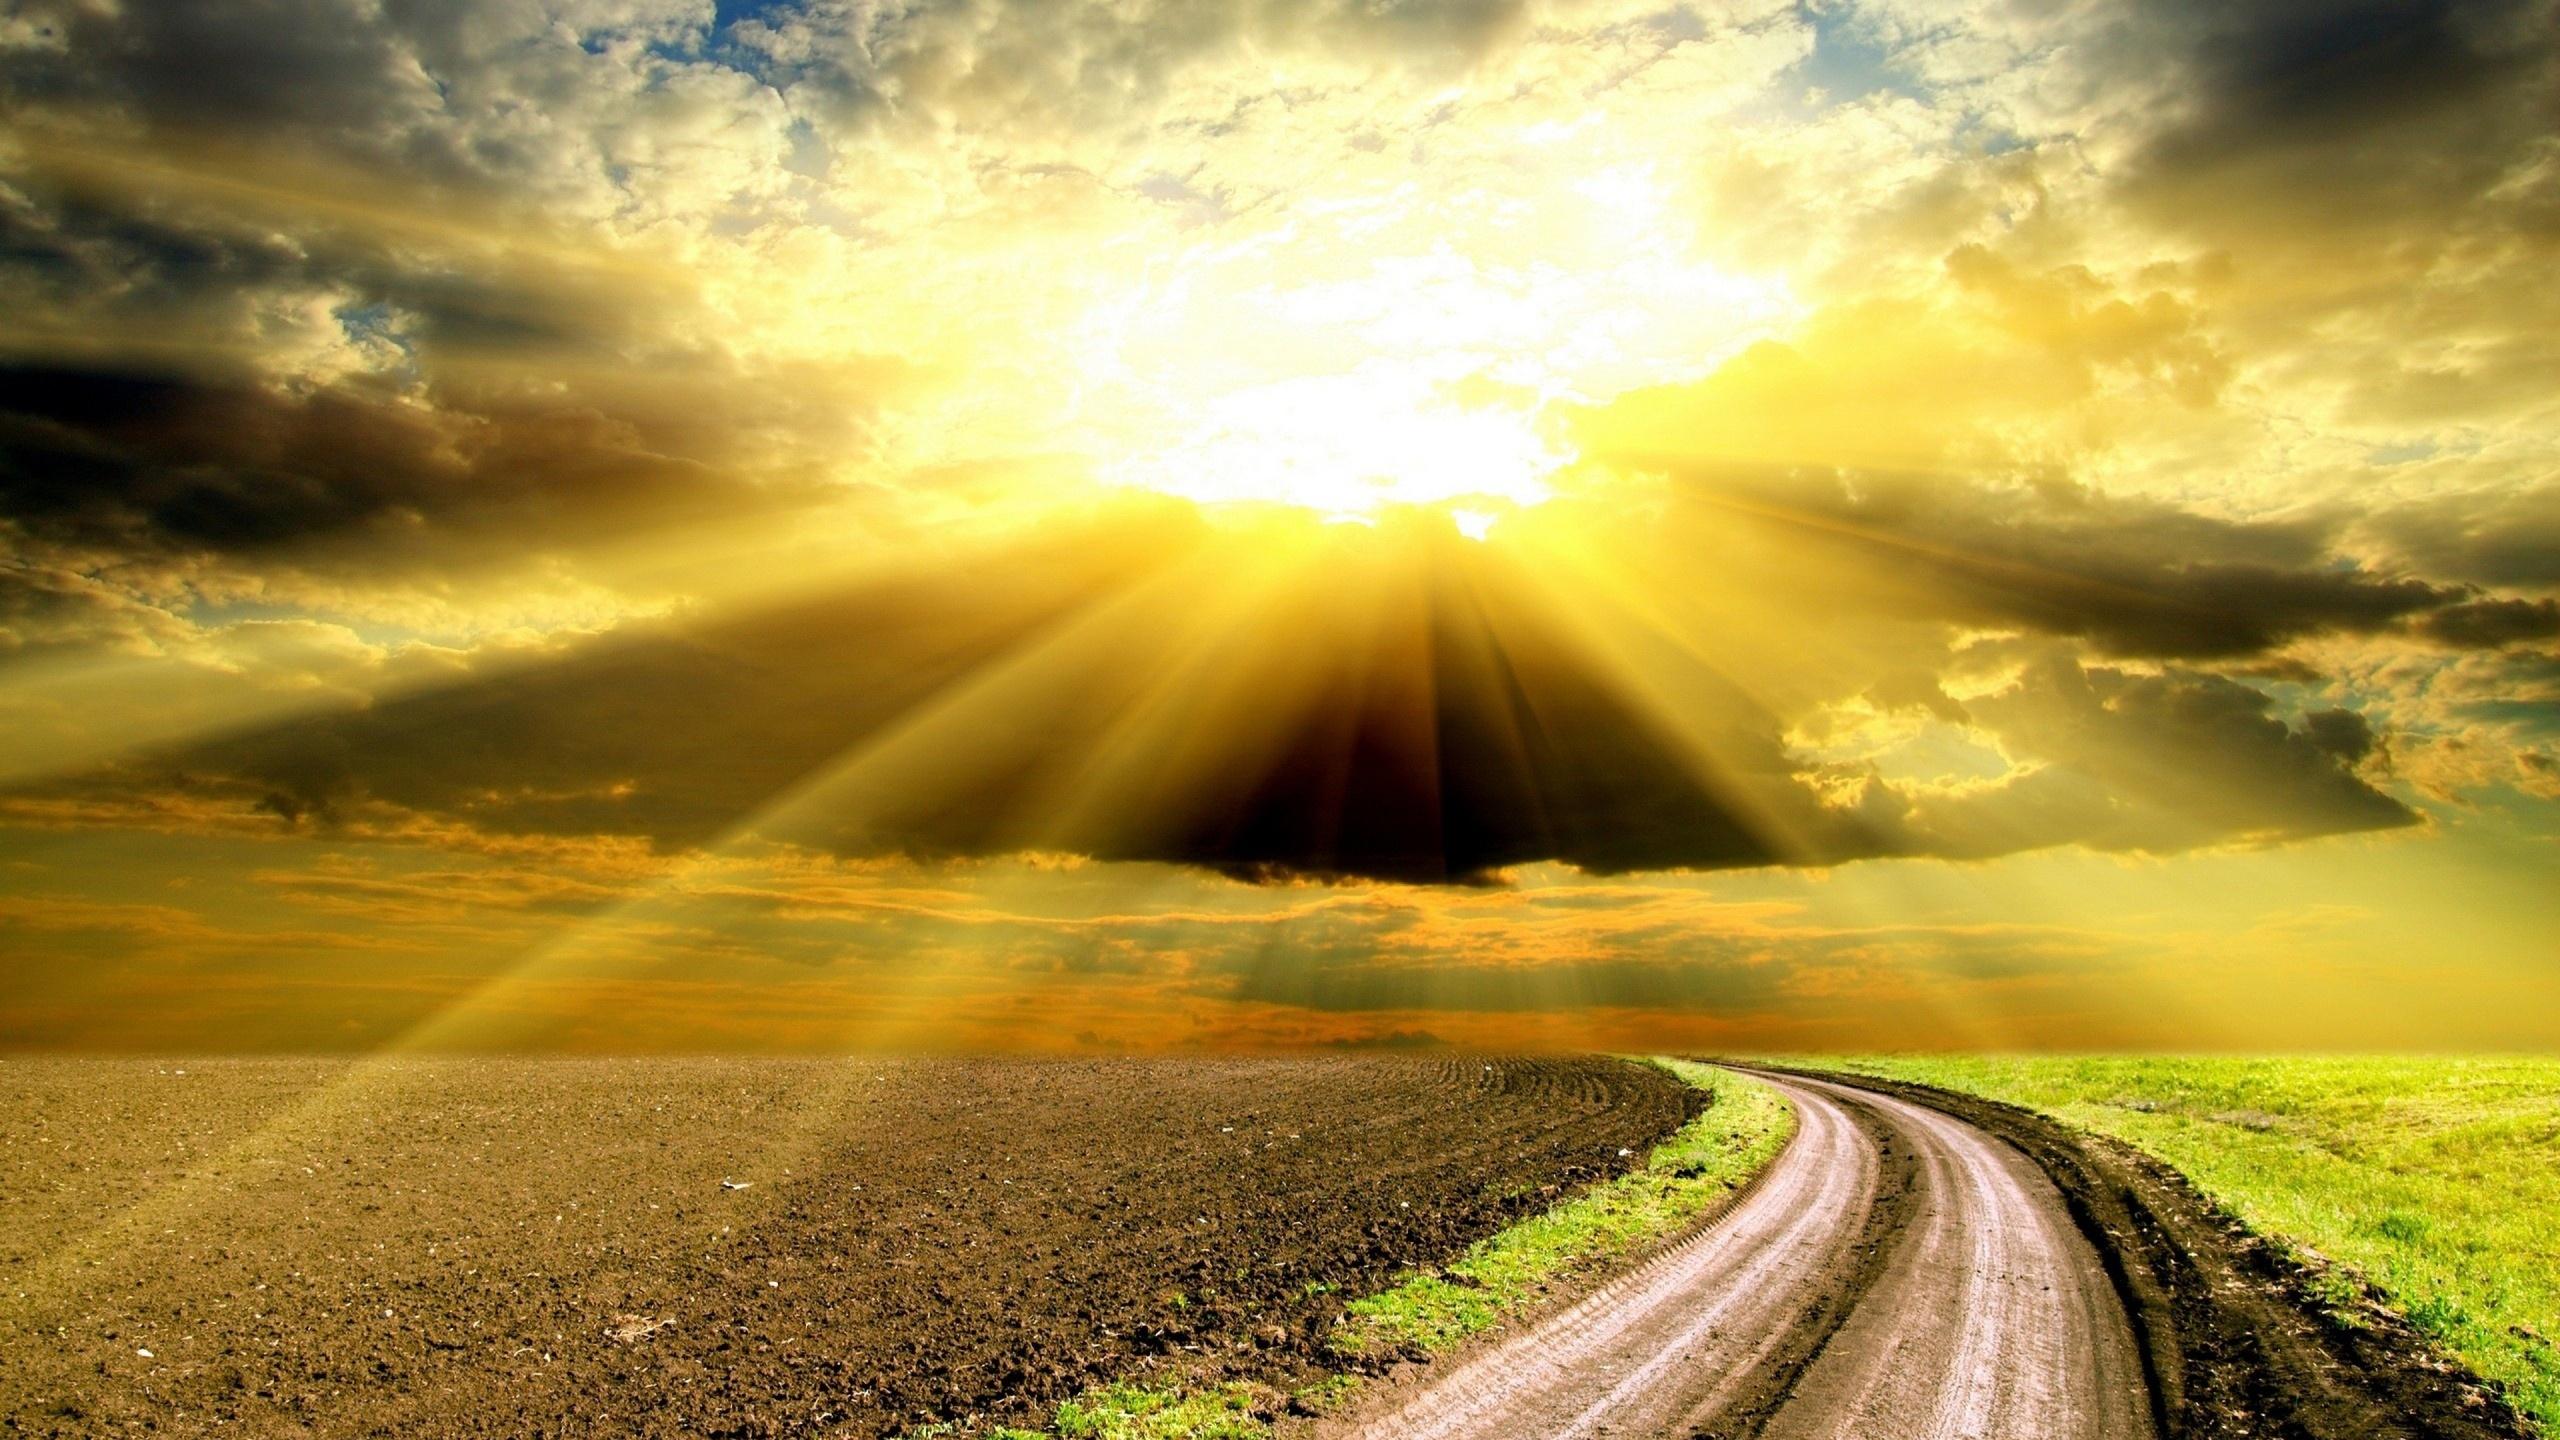 для солнечный путь картинки предыдущего